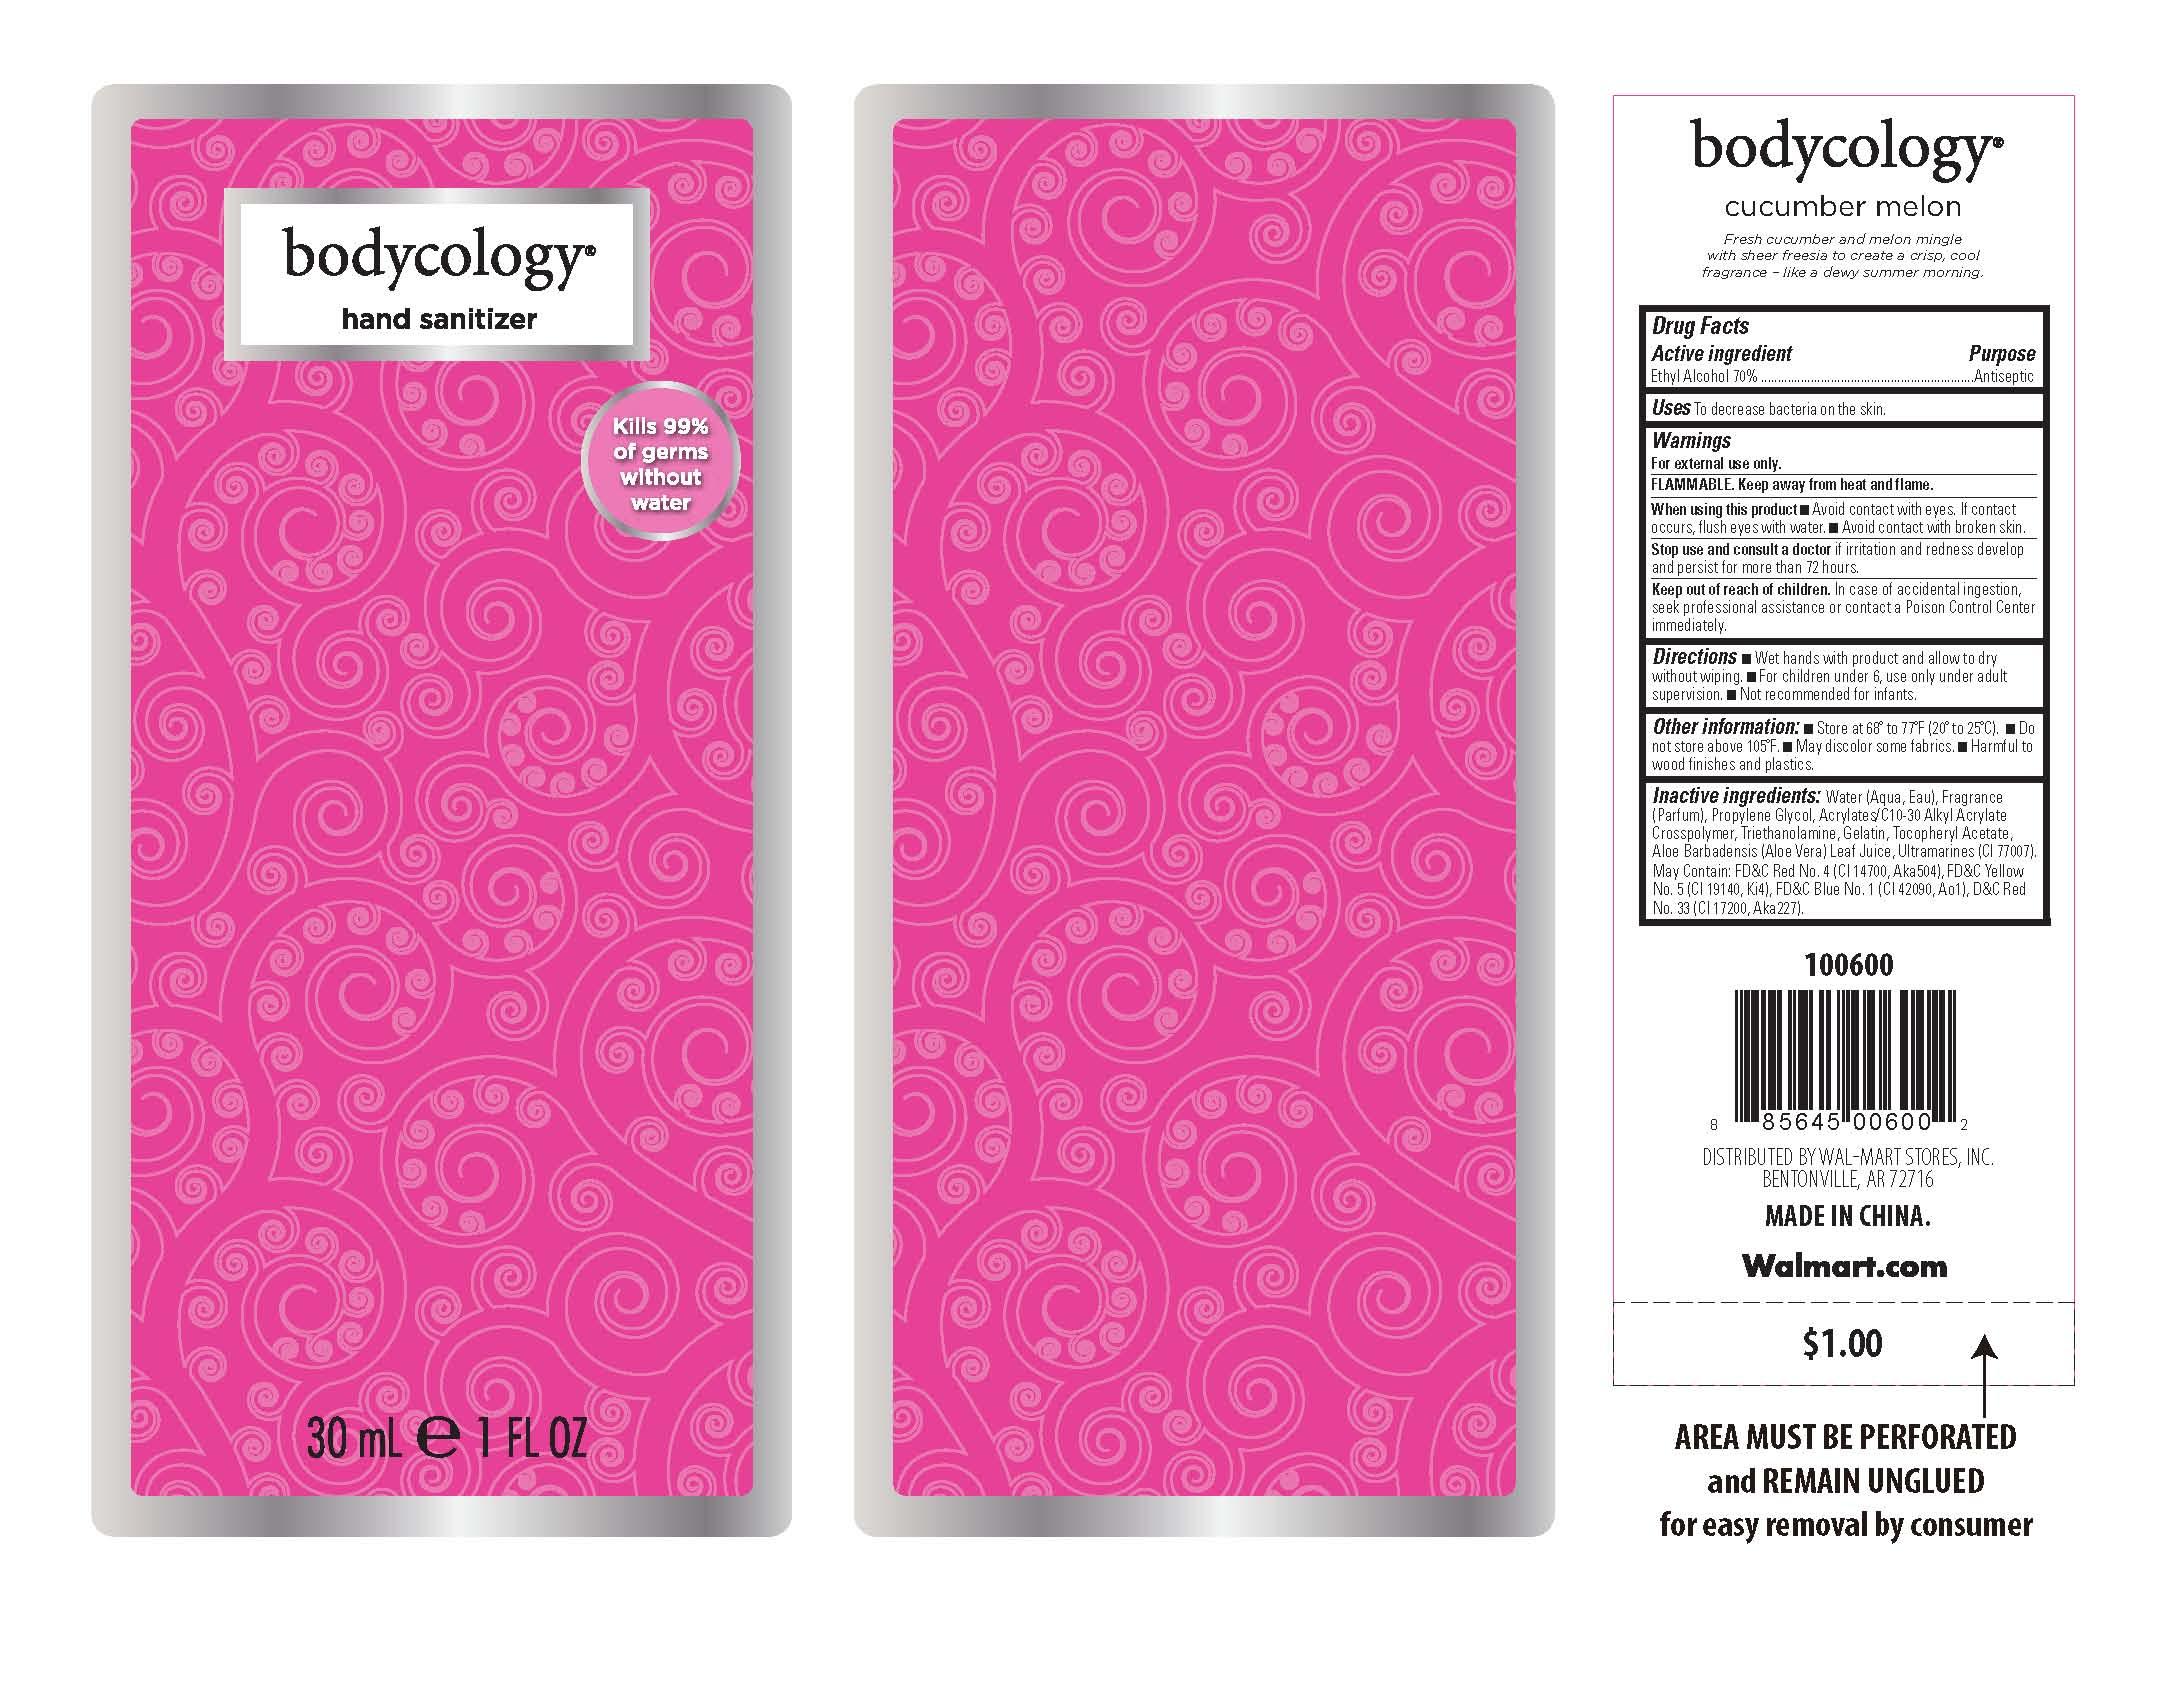 Hand Sanitizer (Ethyl Alcohol) Gel [Wal-mart Stores, Inc.]